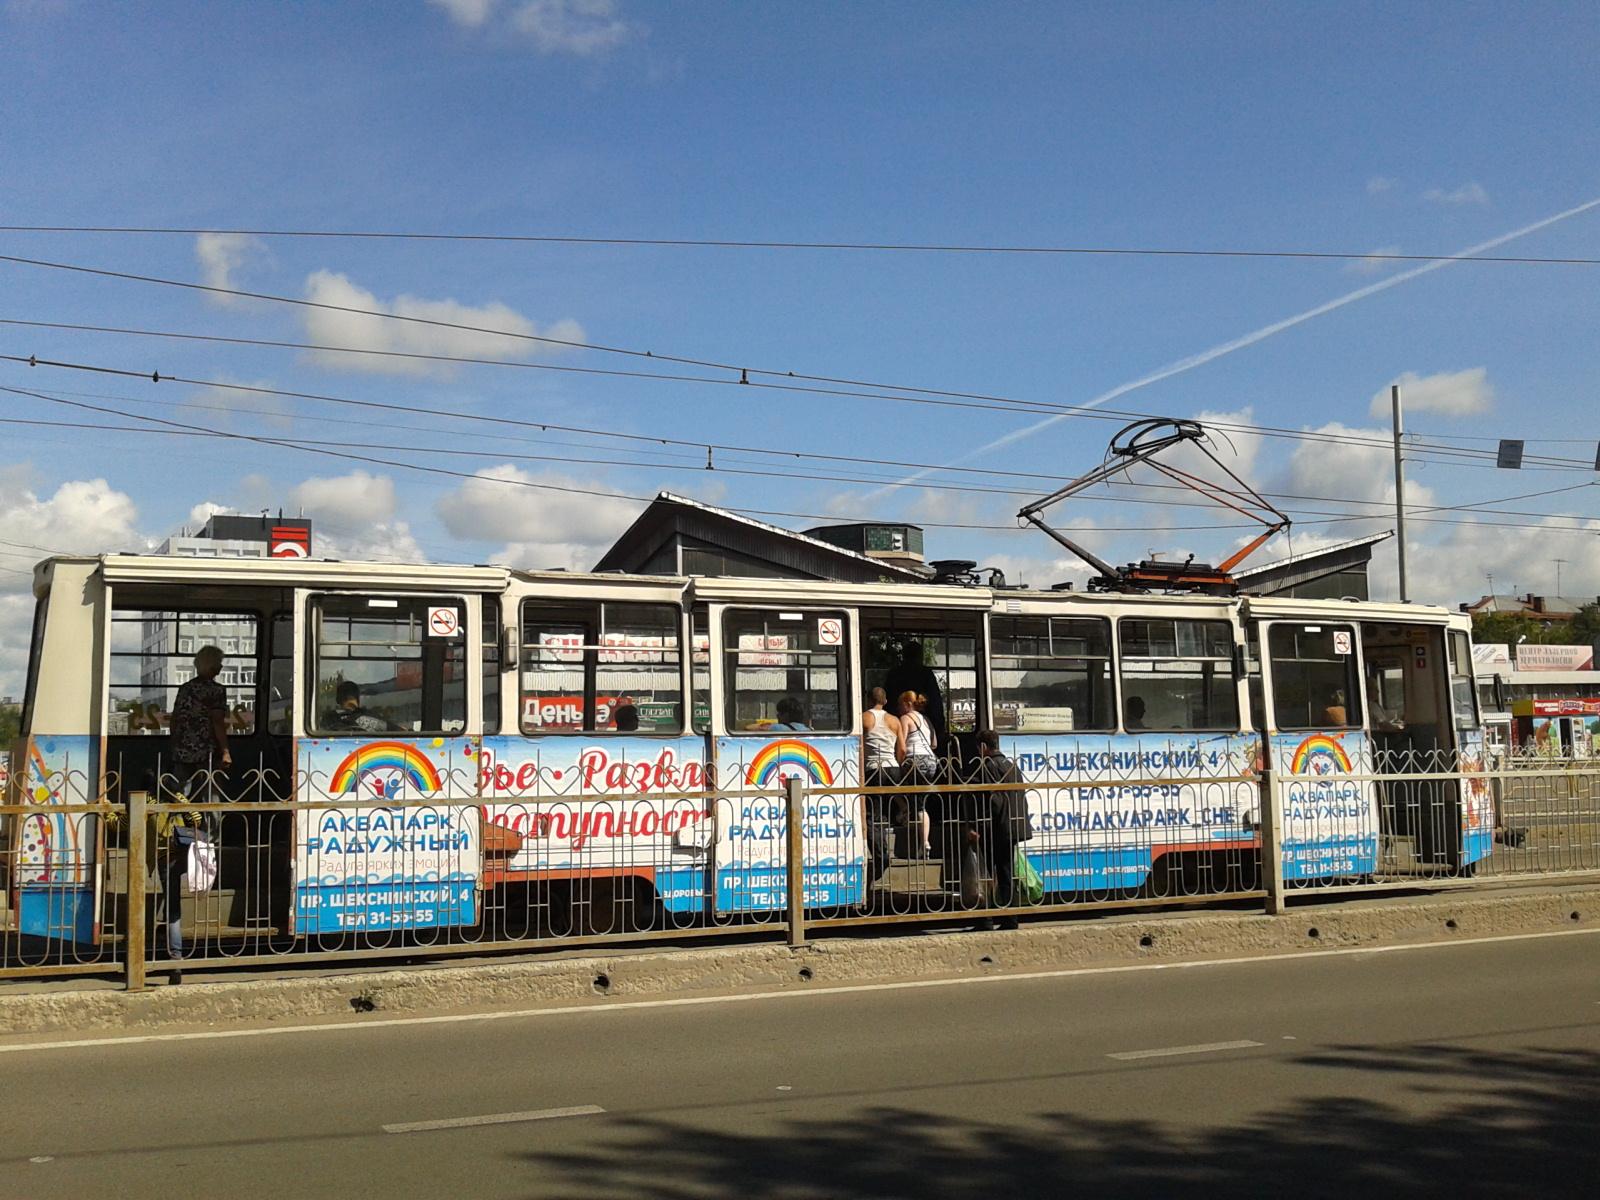 В Череповце проезд на автобусе будет стоить 23 рубля, а на трамвае - 21 рубль